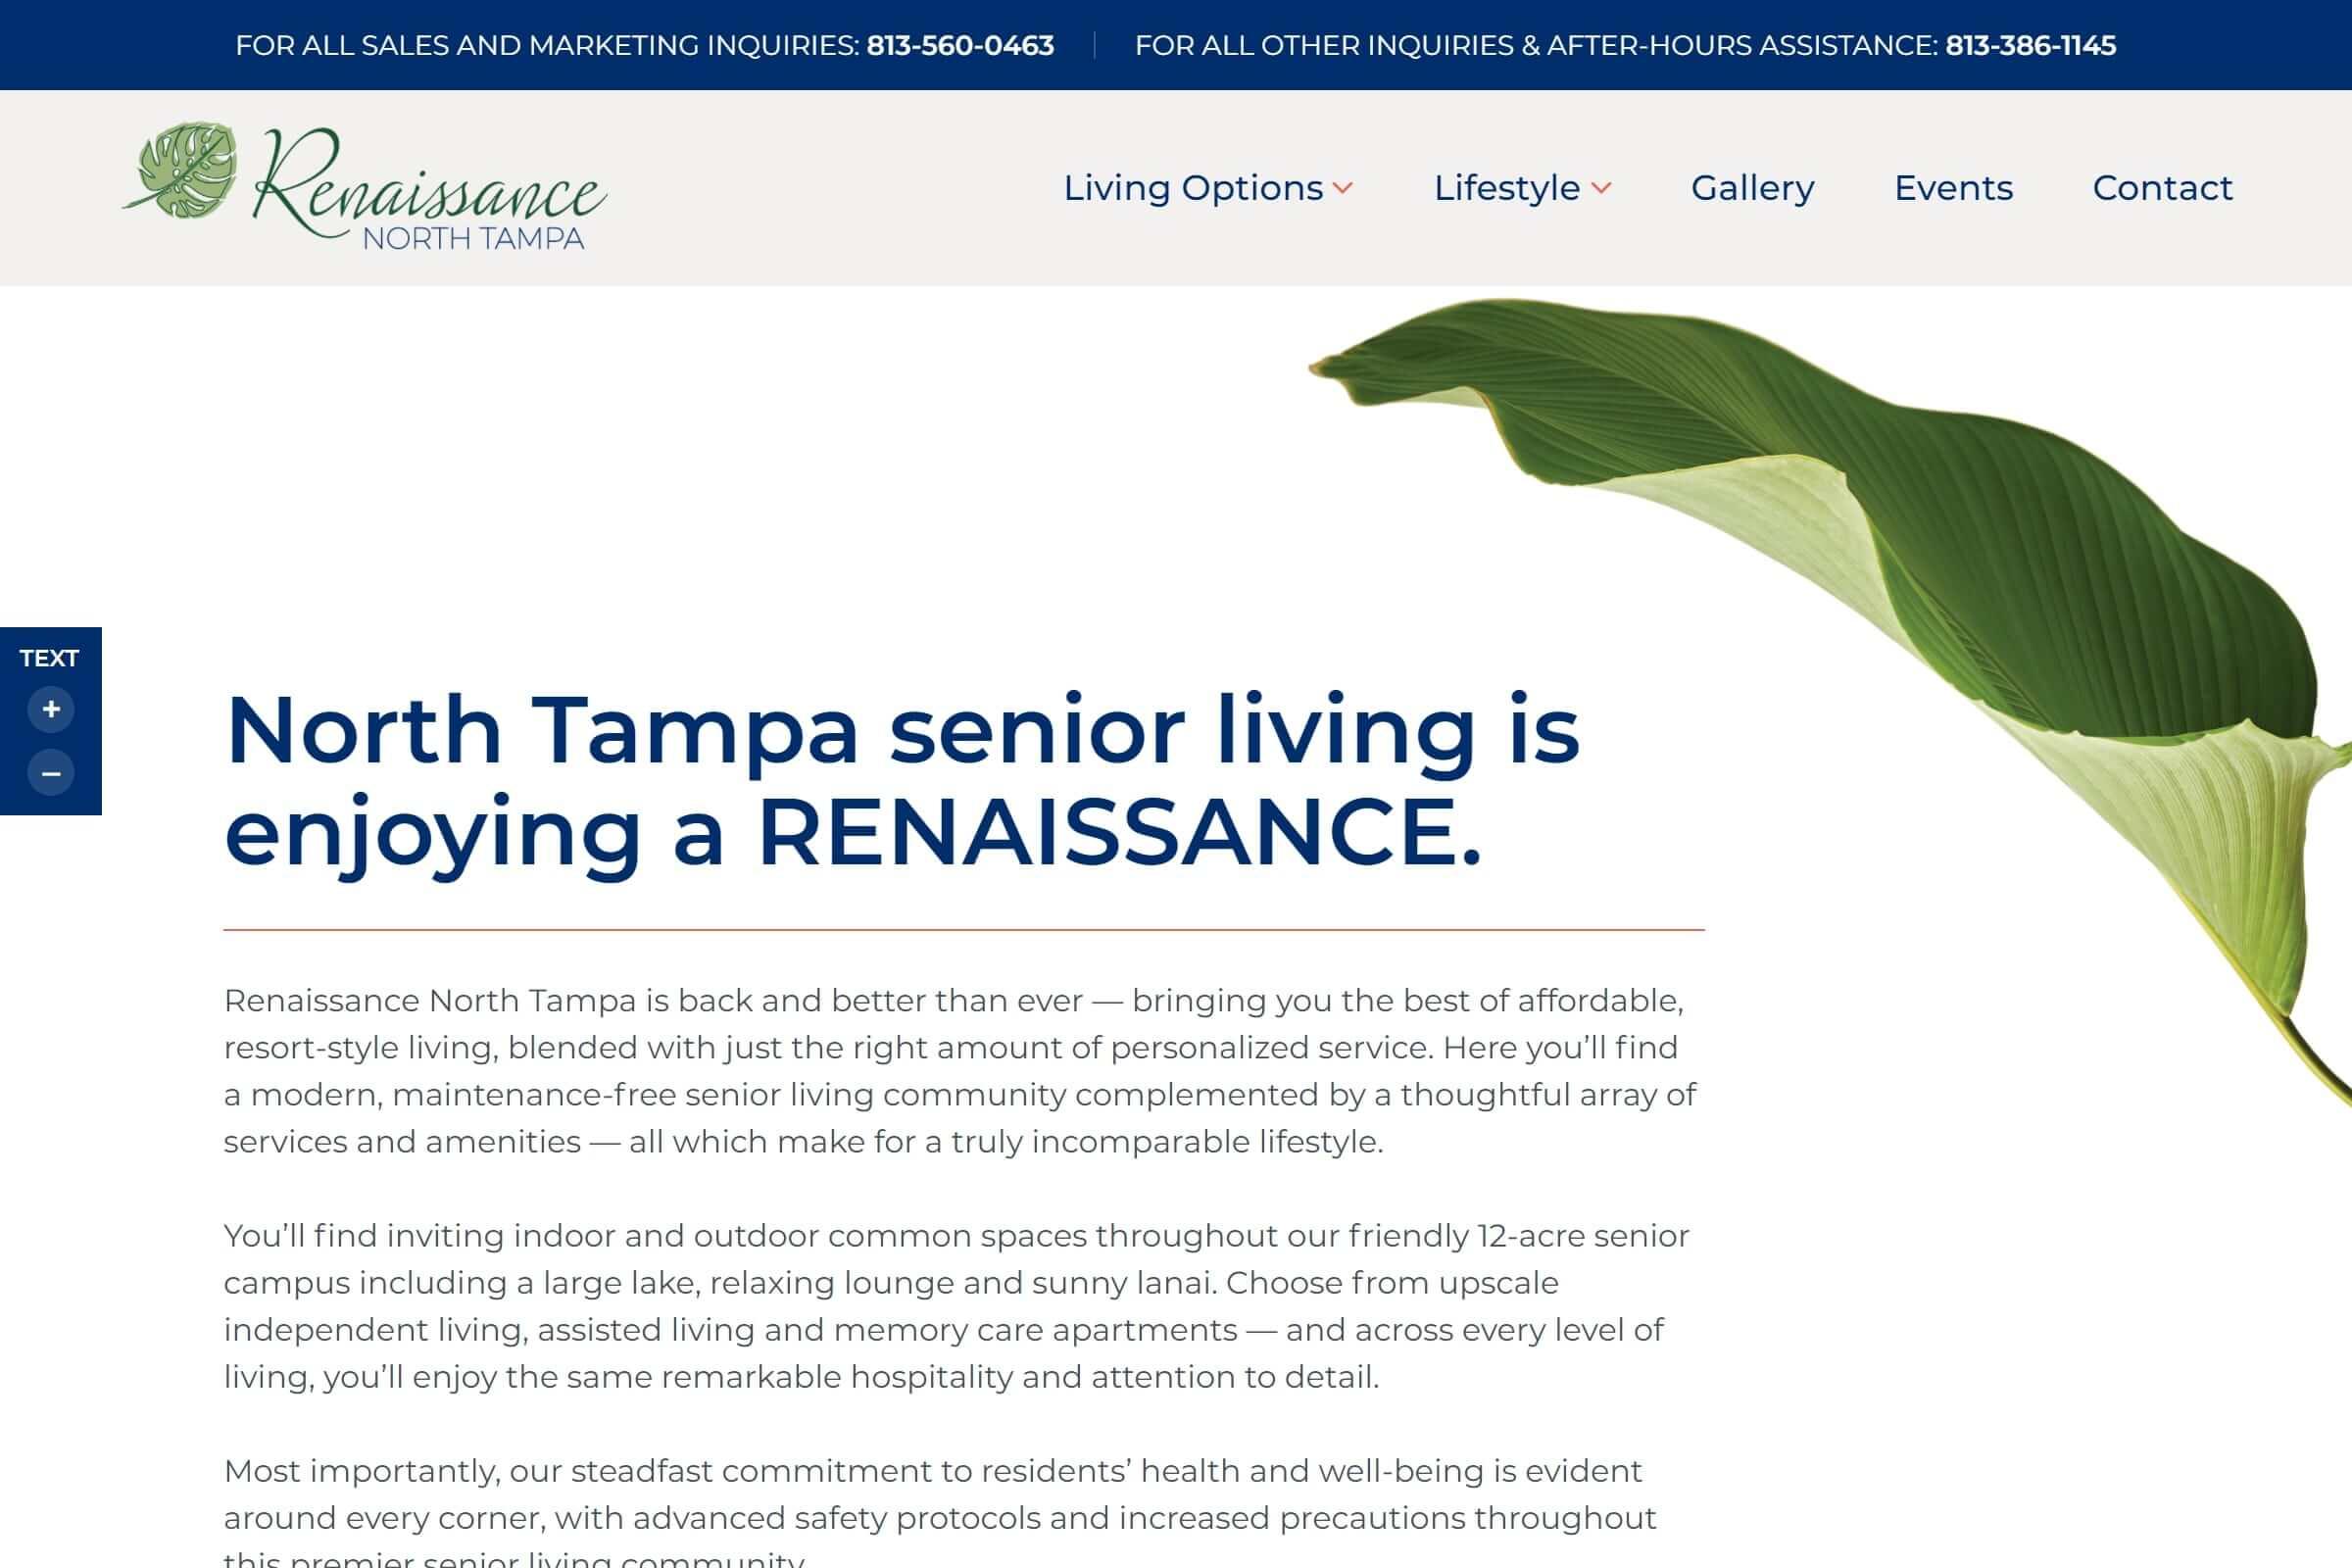 Renaissance North Tampa